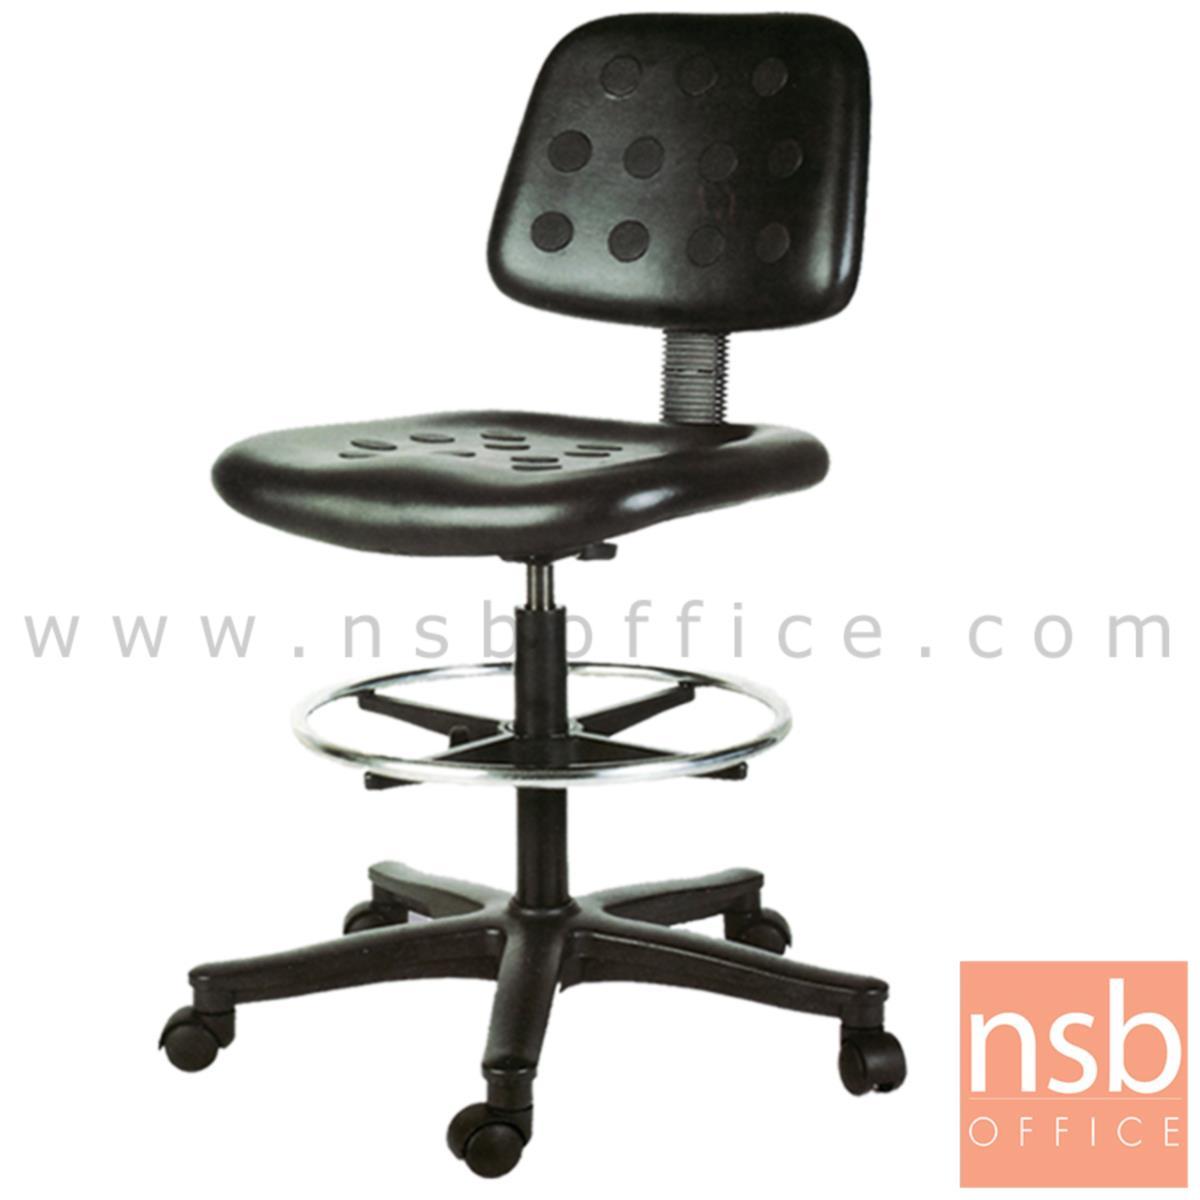 B09A080:เก้าอี้บาร์ที่นั่งเหลี่ยมล้อเลื่อน รุ่น Helberg (เฮลเบิร์ก)  โช๊คแก๊ส ขาพลาสติกแบบตัน